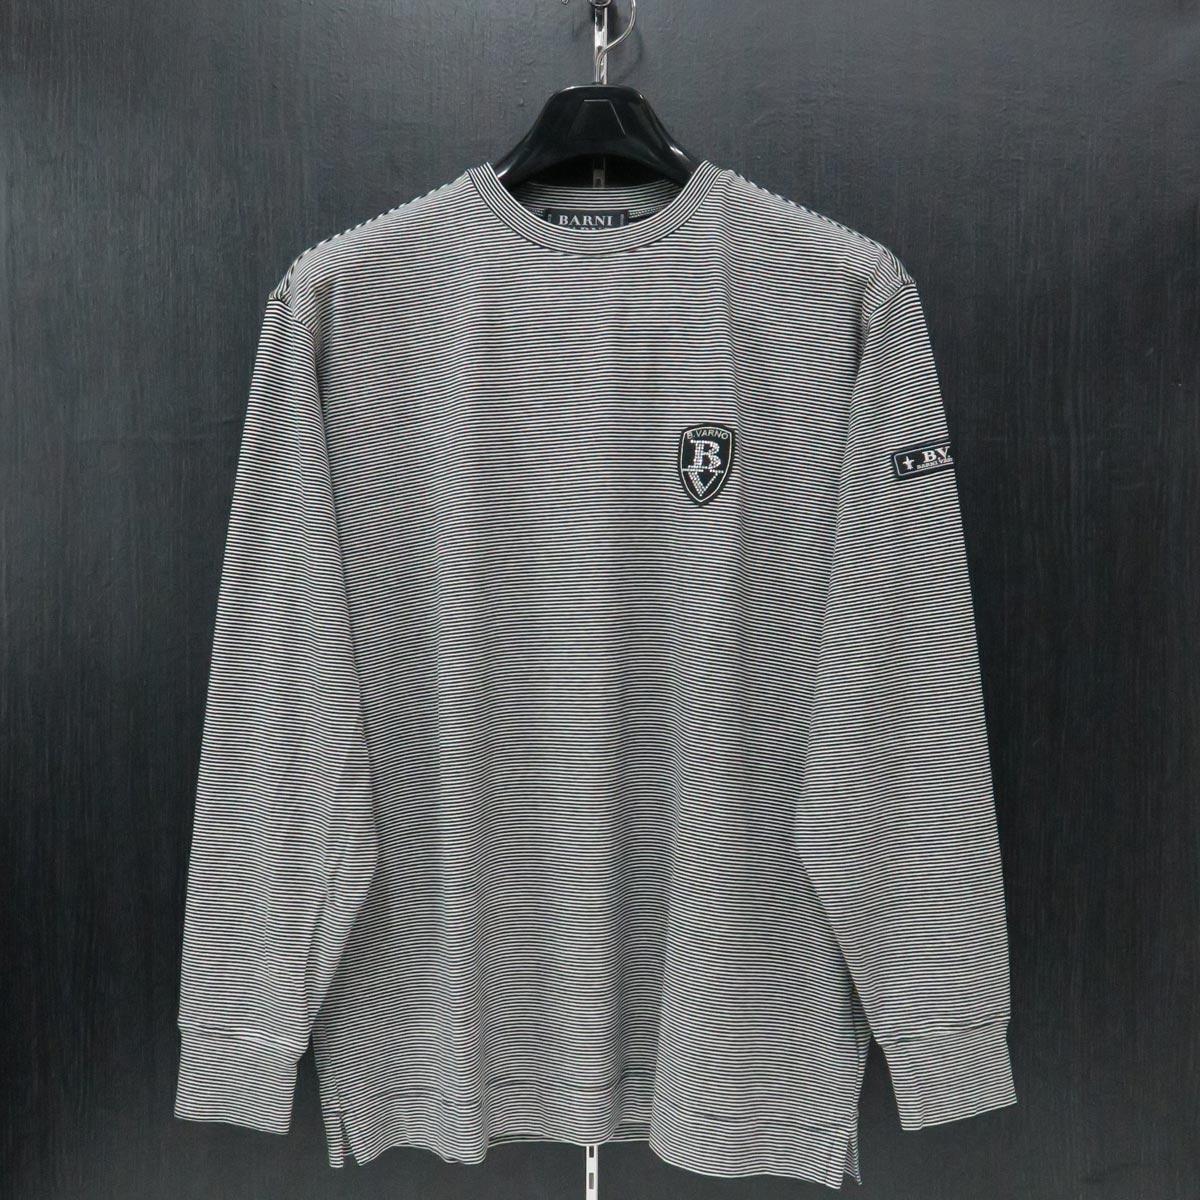 バーニヴァーノ 丸首Tシャツ Lサイズ BAW-IST3459-03